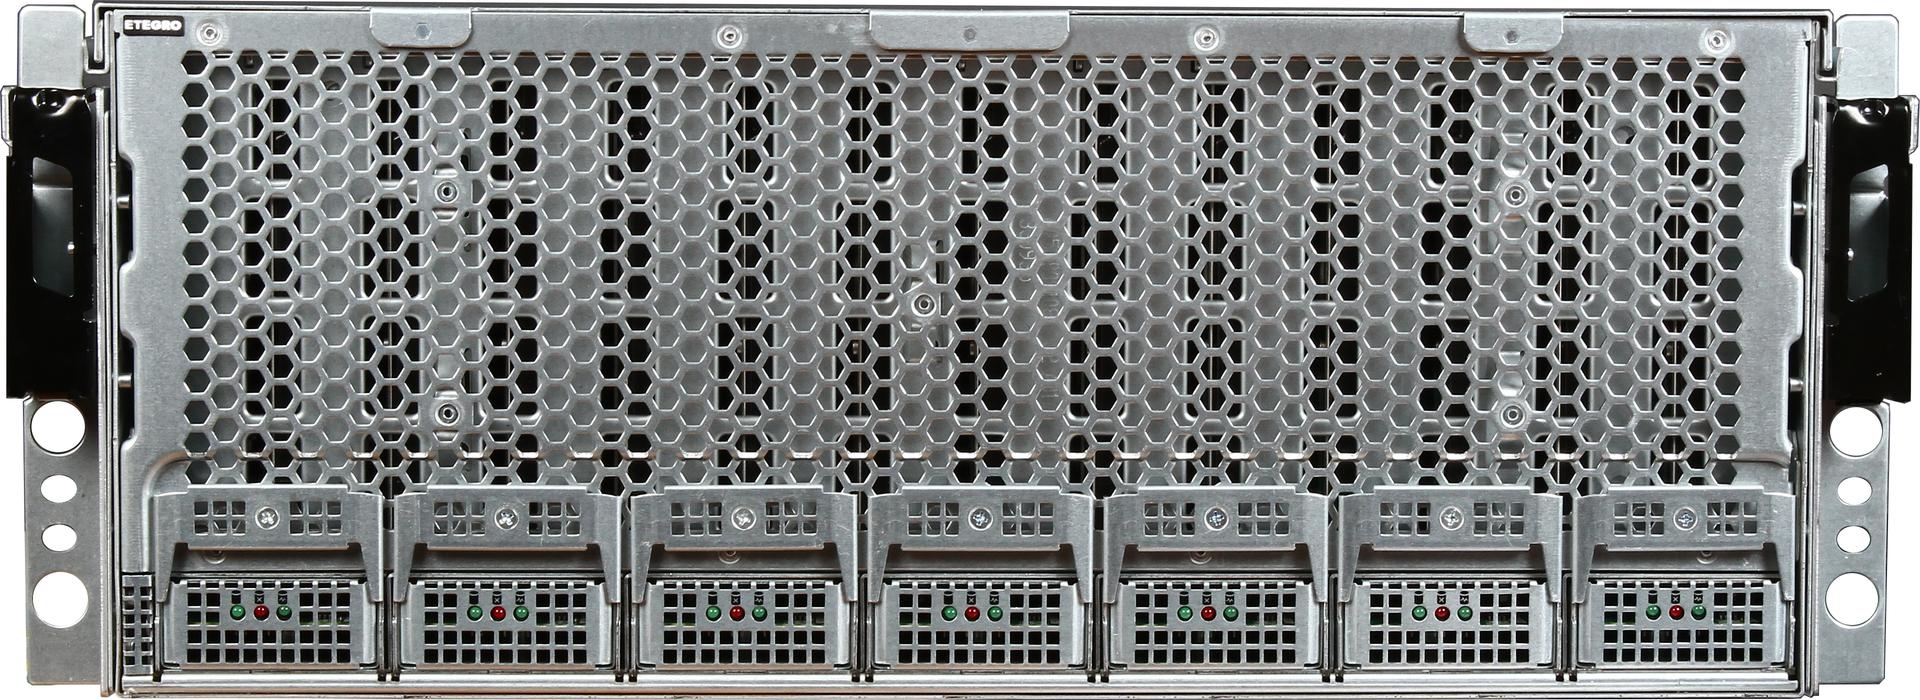 Cluster-in-a-Box как продукт для предприятий малого и среднего бизнеса - 4